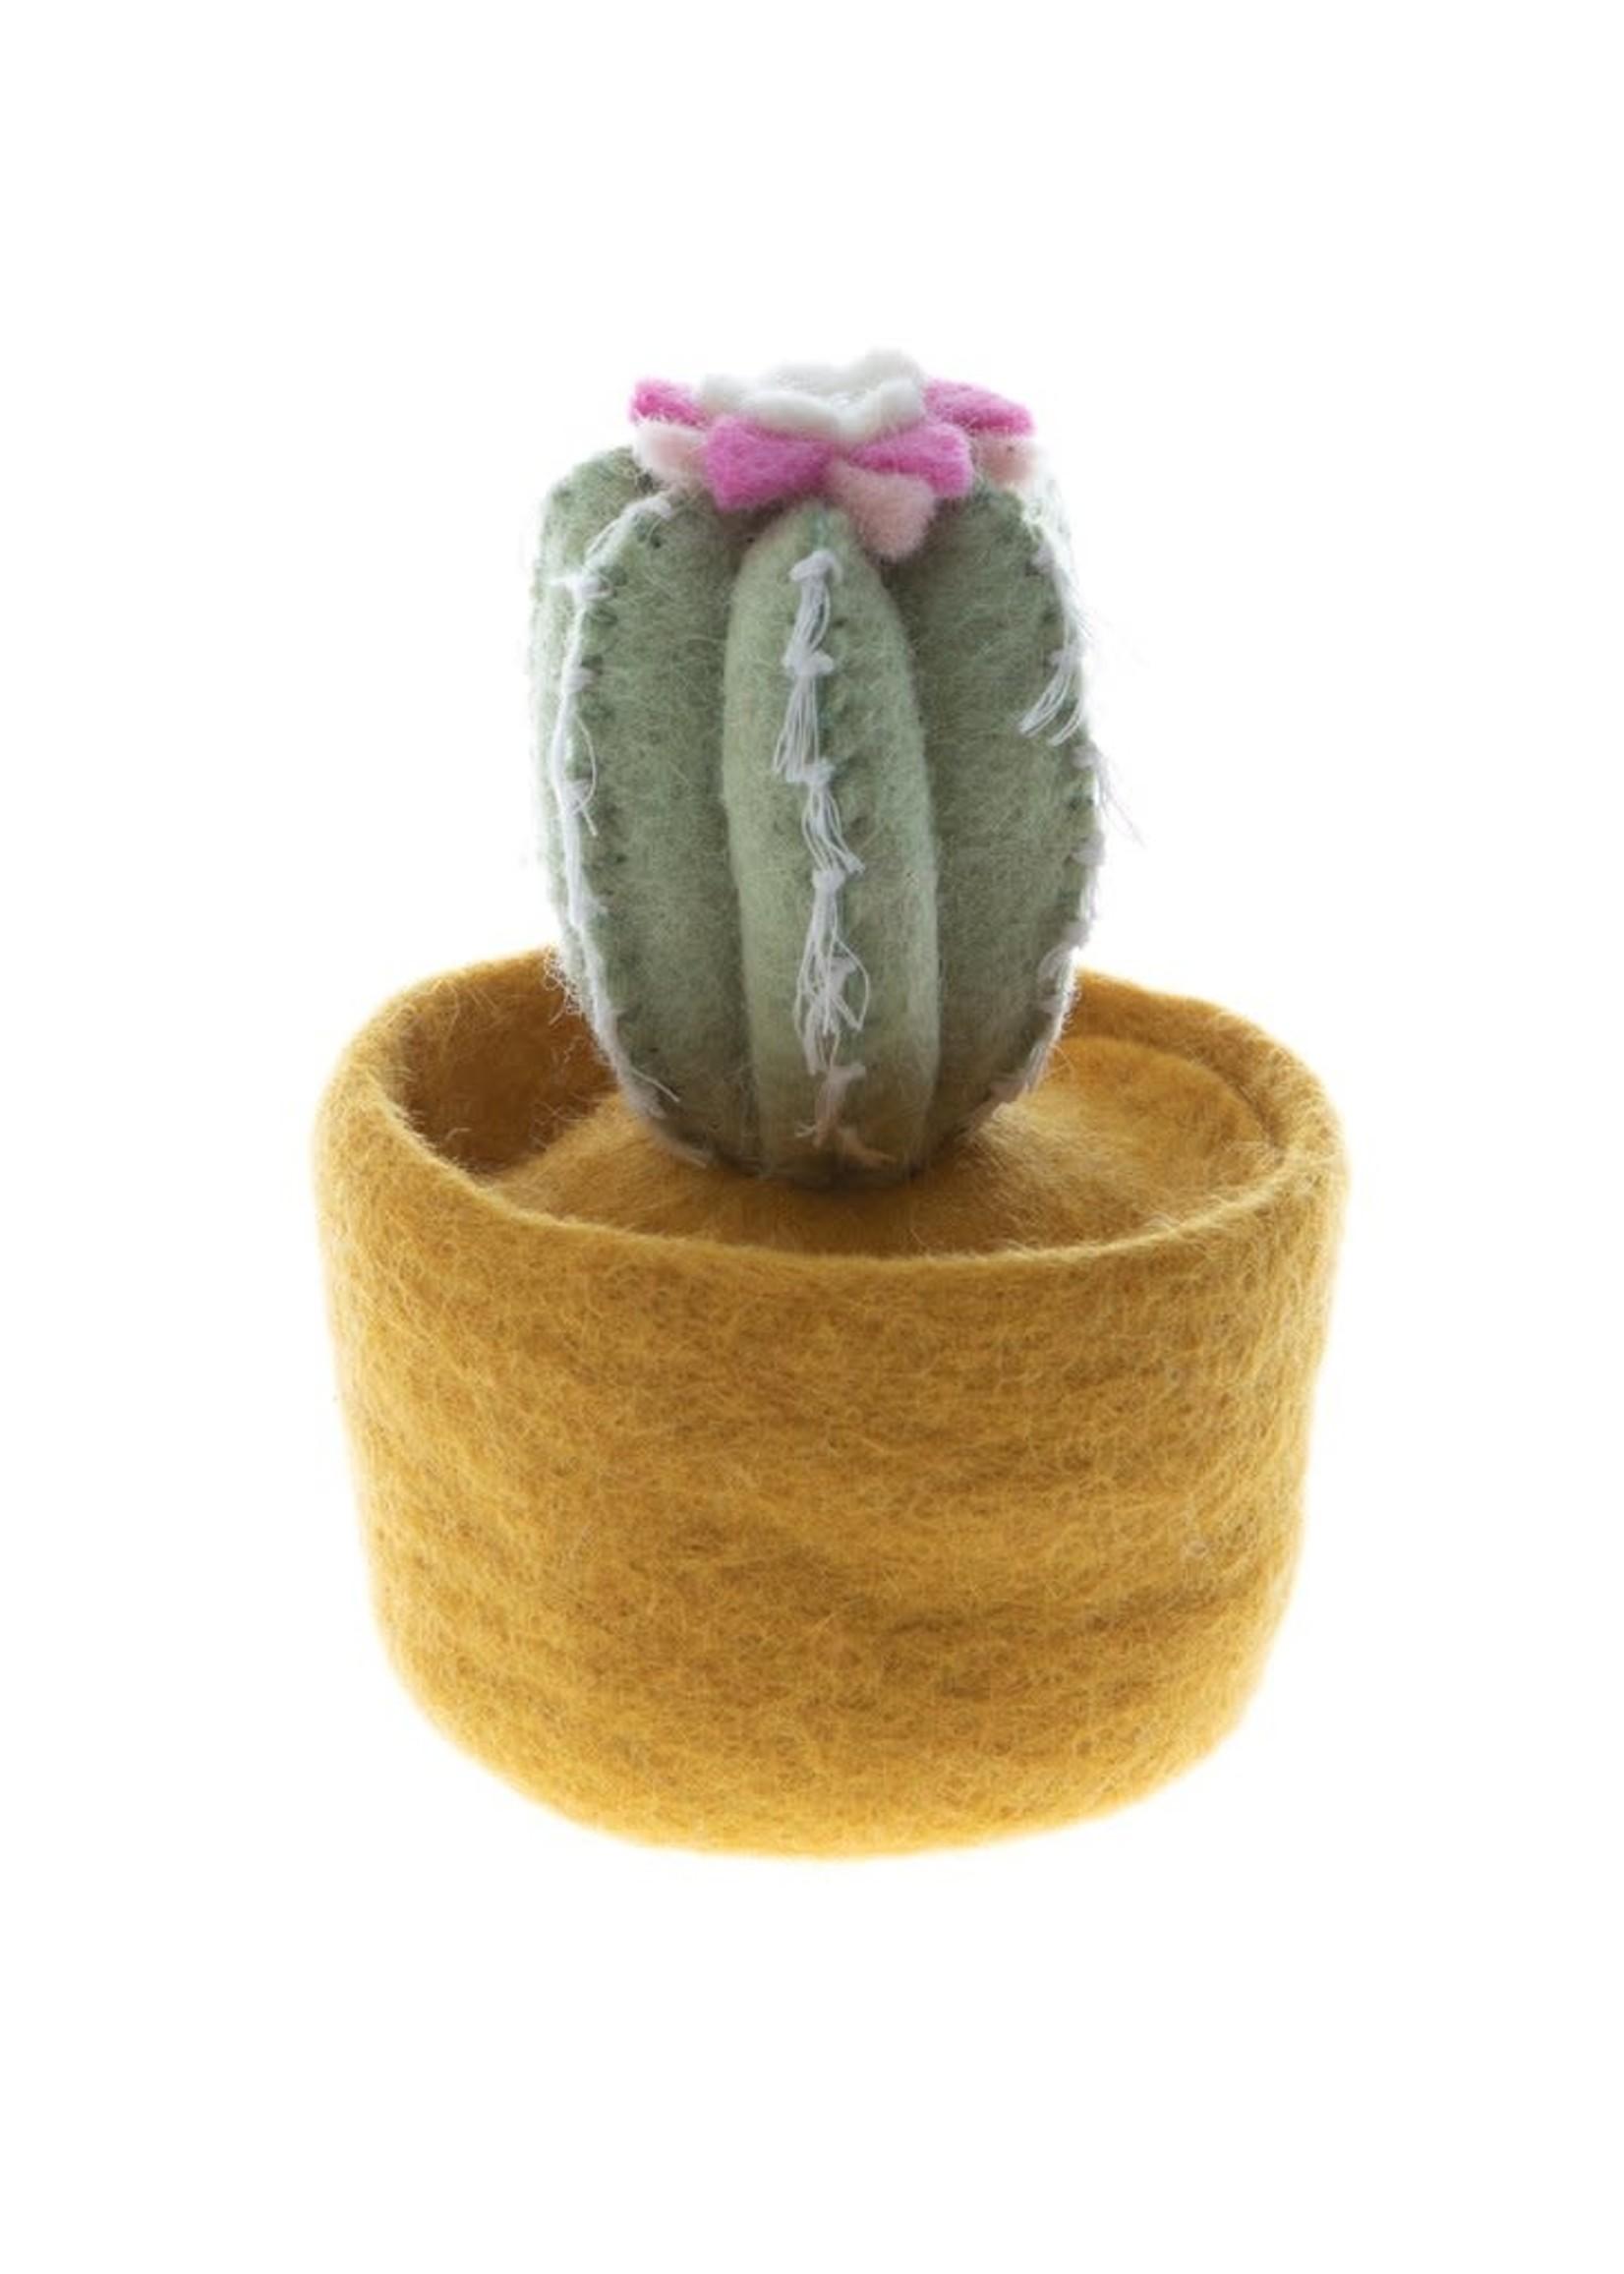 Global Goods Partners Felt Cactus in Yellow Pot